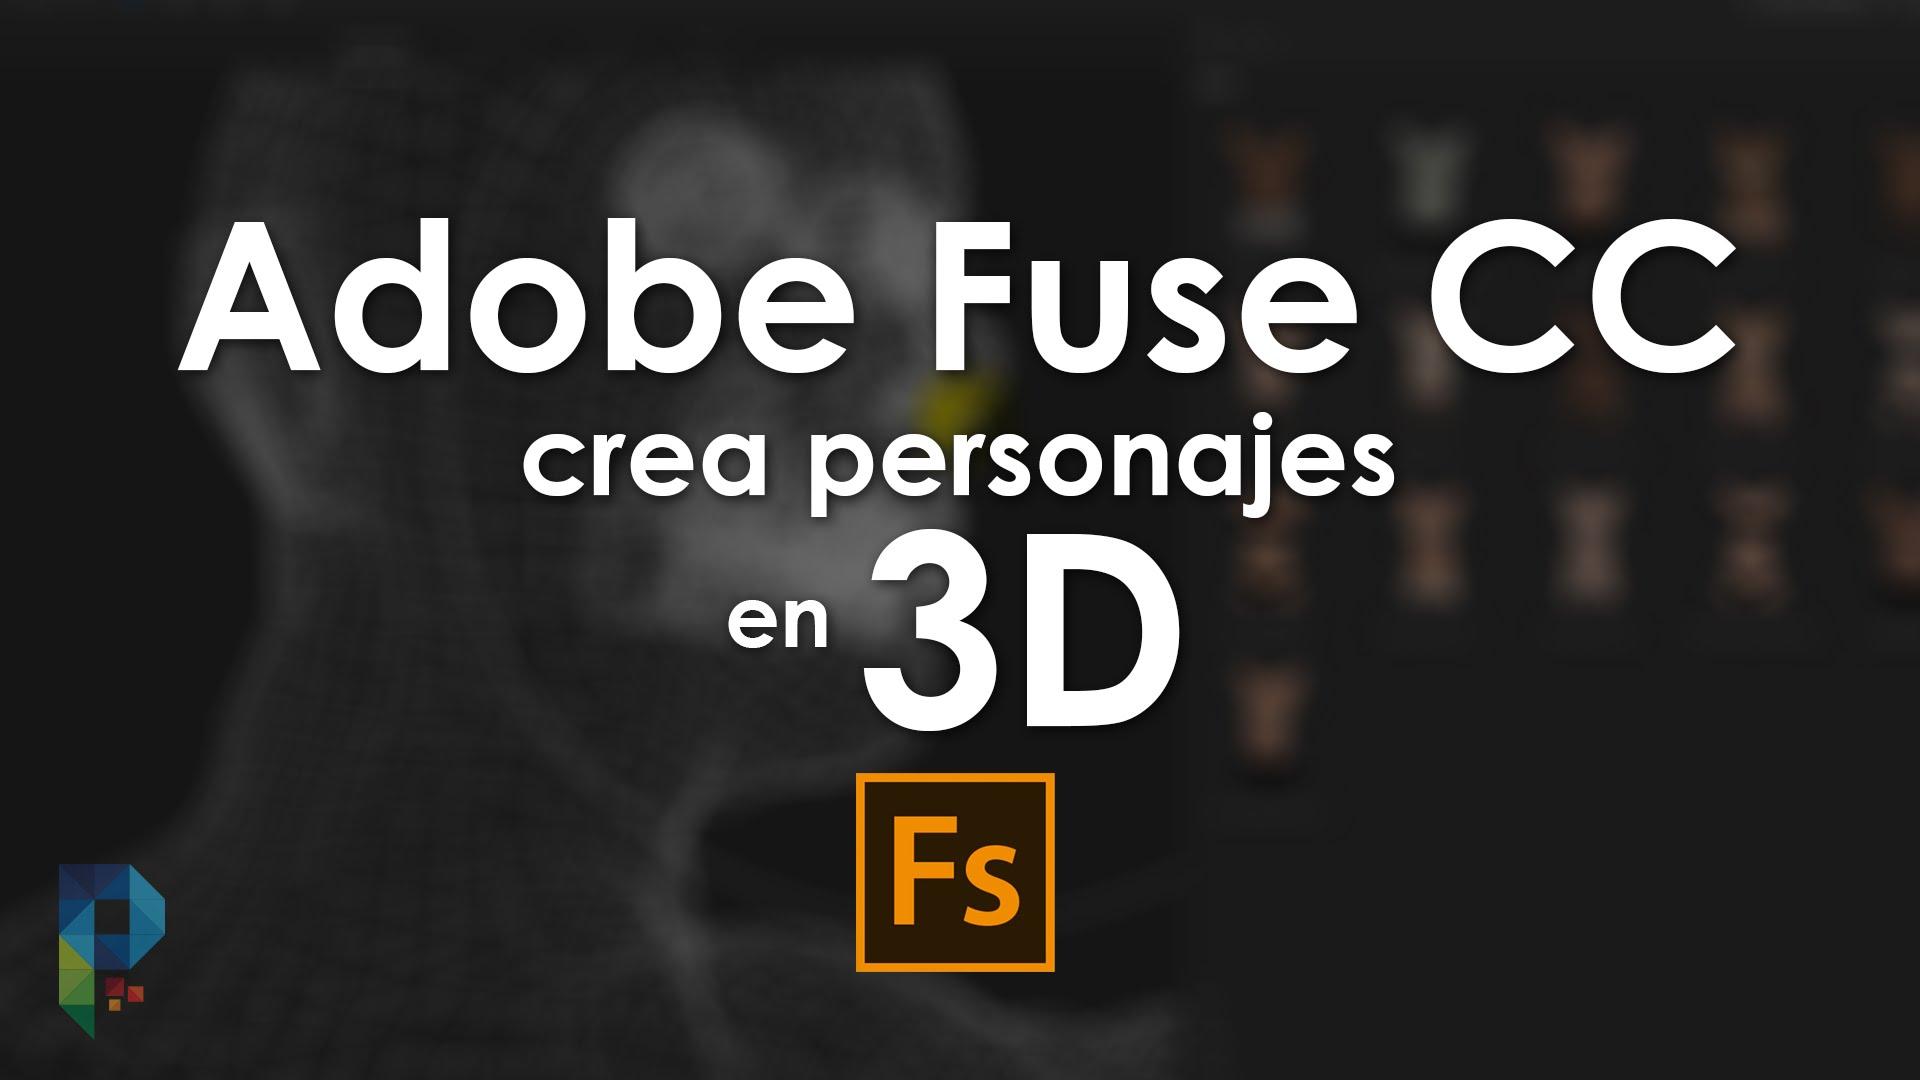 Crear personajes 3D con Adobe Fuse CC